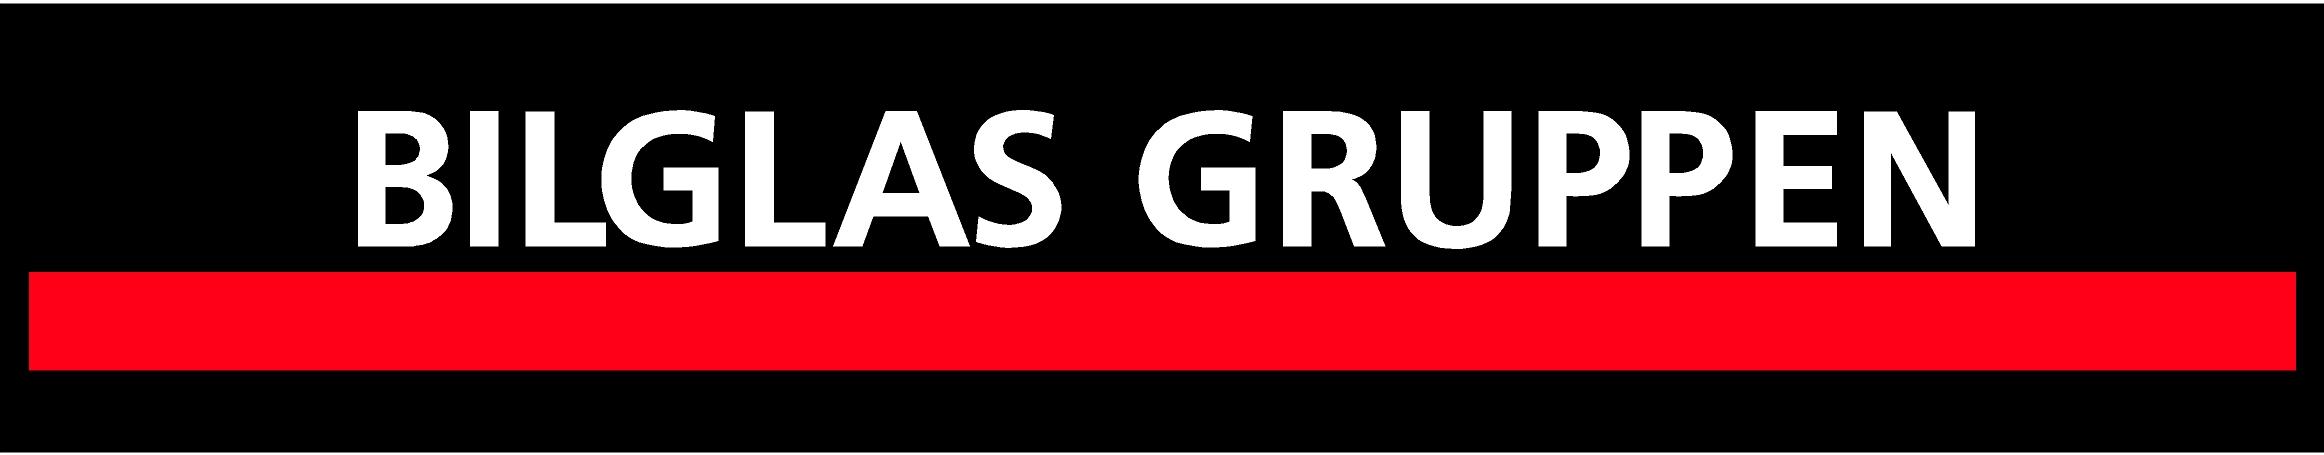 Bilglasgruppen.dk - Aalborg logo